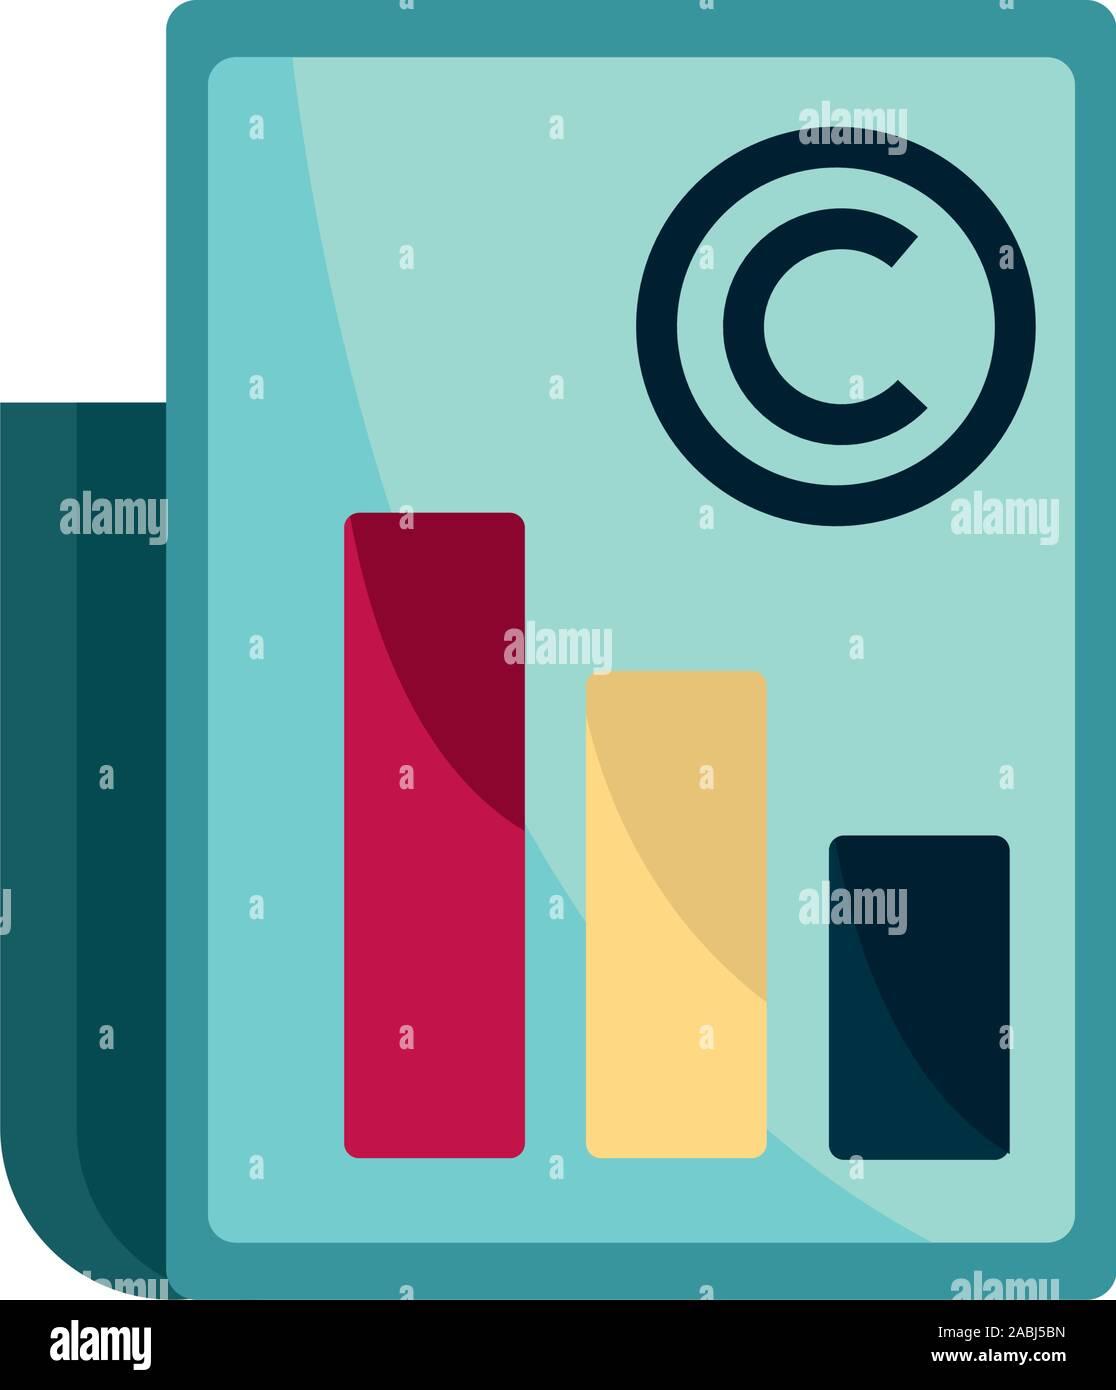 Diagrama de propiedad intelectual propiedad de documento icono ilustración vectorial Ilustración del Vector